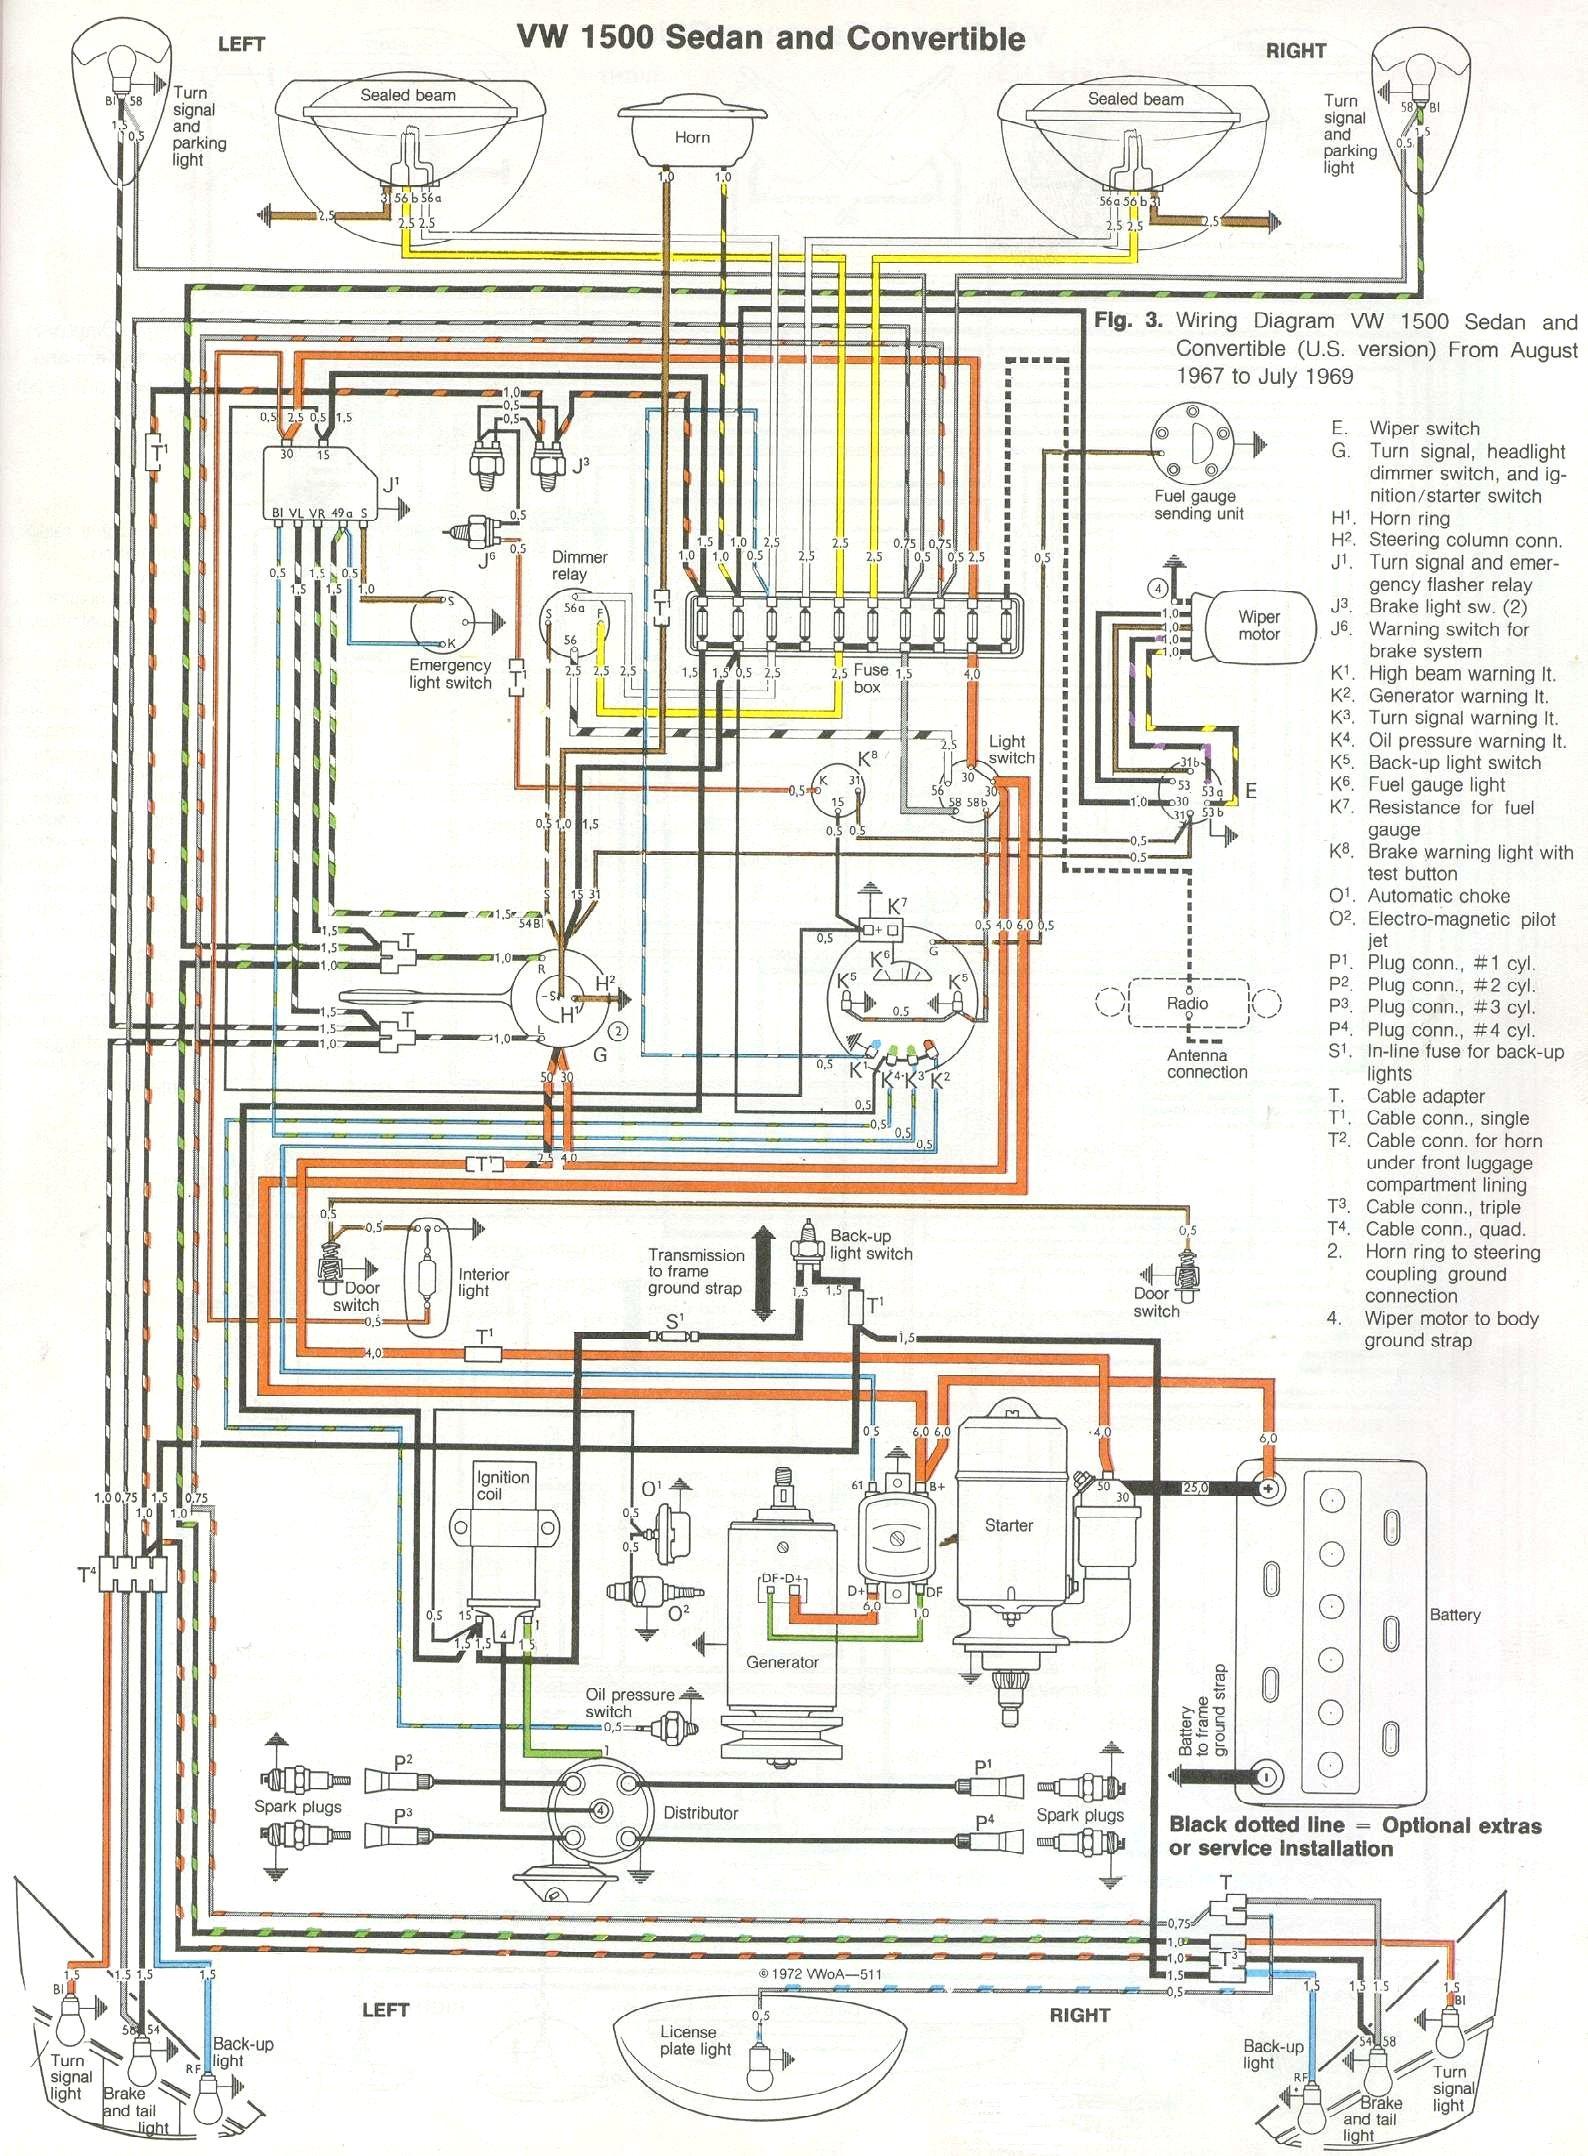 Vw Beetle Wiring - Wiring Diagrams Hubs - 1973 Vw Beetle Wiring Diagram